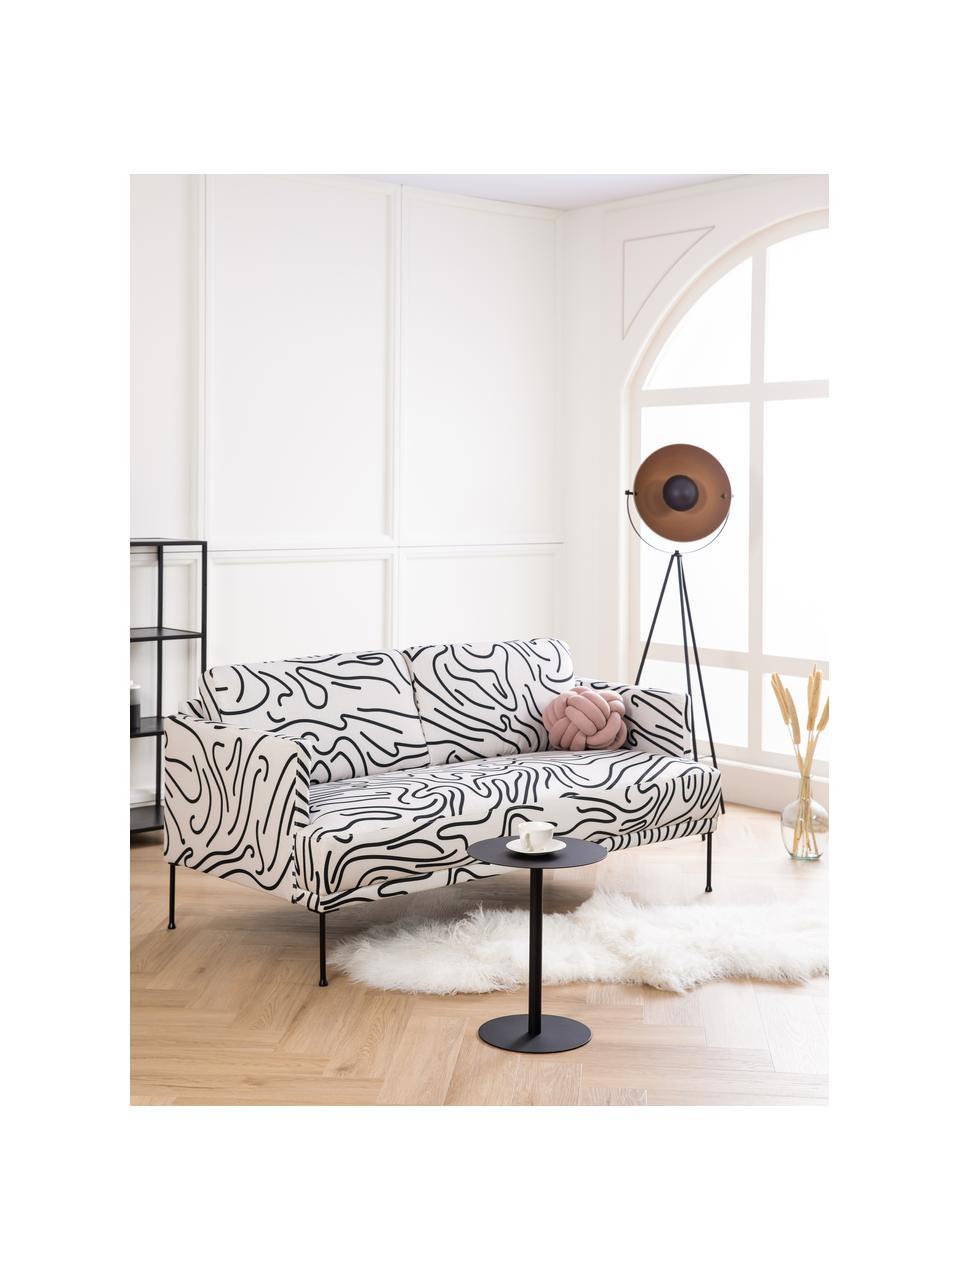 Sofa Fluente (2-osobowa), Tapicerka: 100% poliester Dzięki tka, Nogi: metal malowany proszkowo, Biały, S 166 x G 85 cm